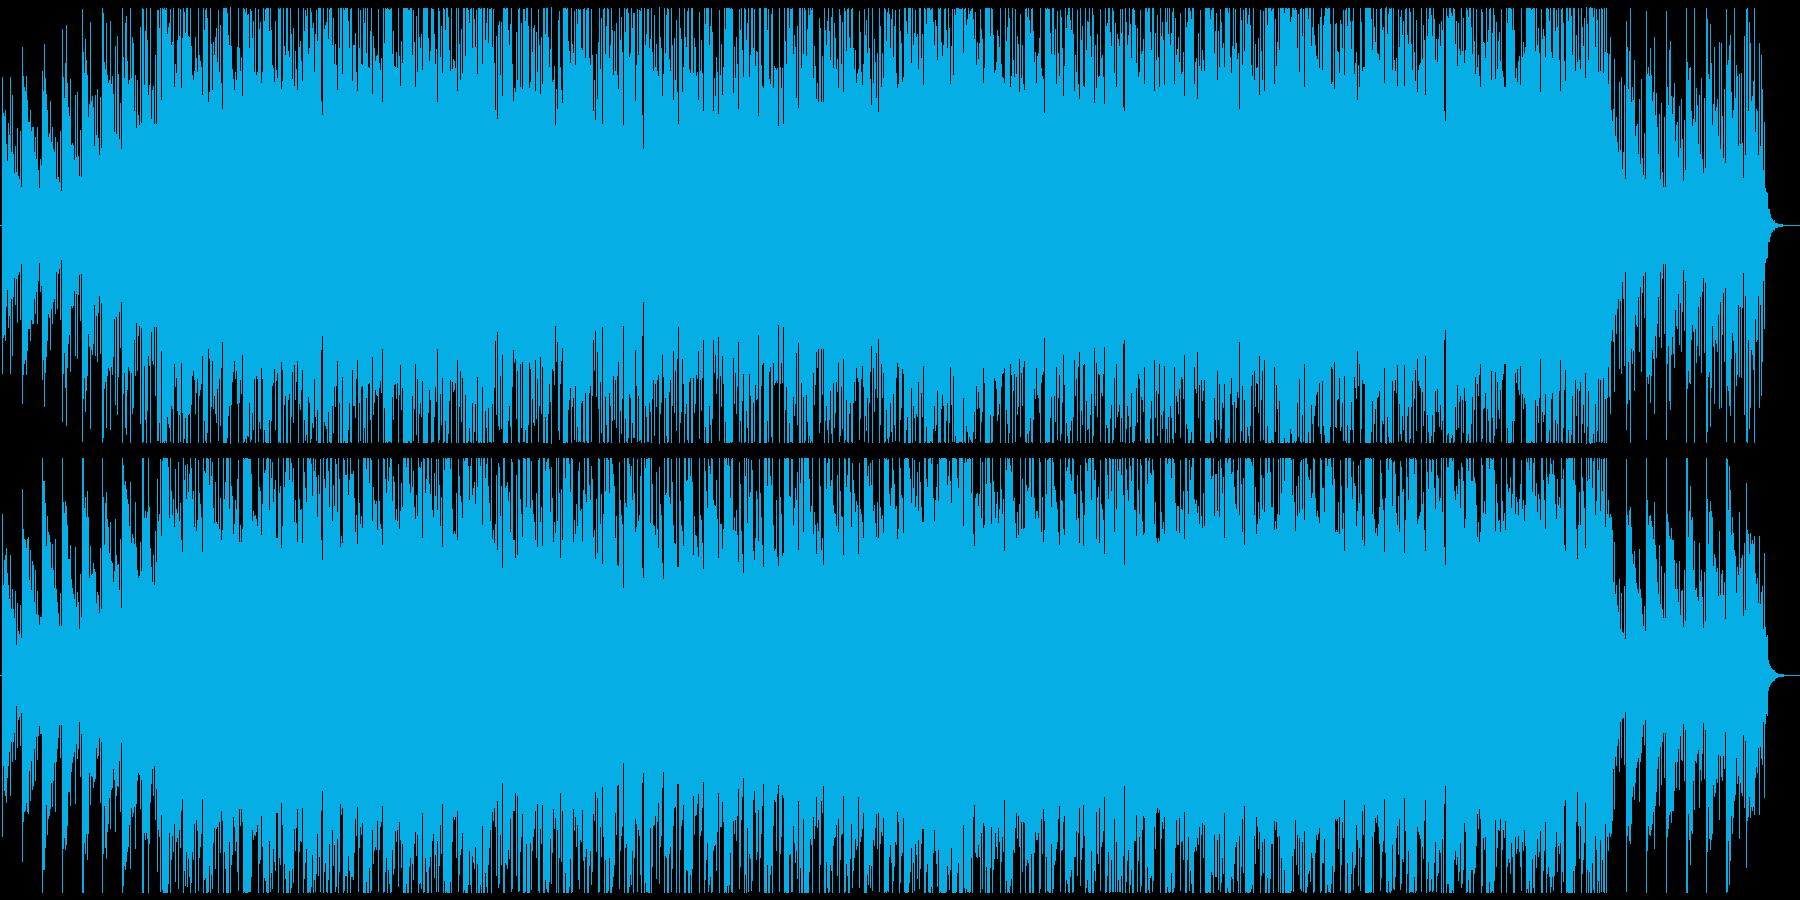 ヴァイオリンが奏でるOP・ED曲の再生済みの波形